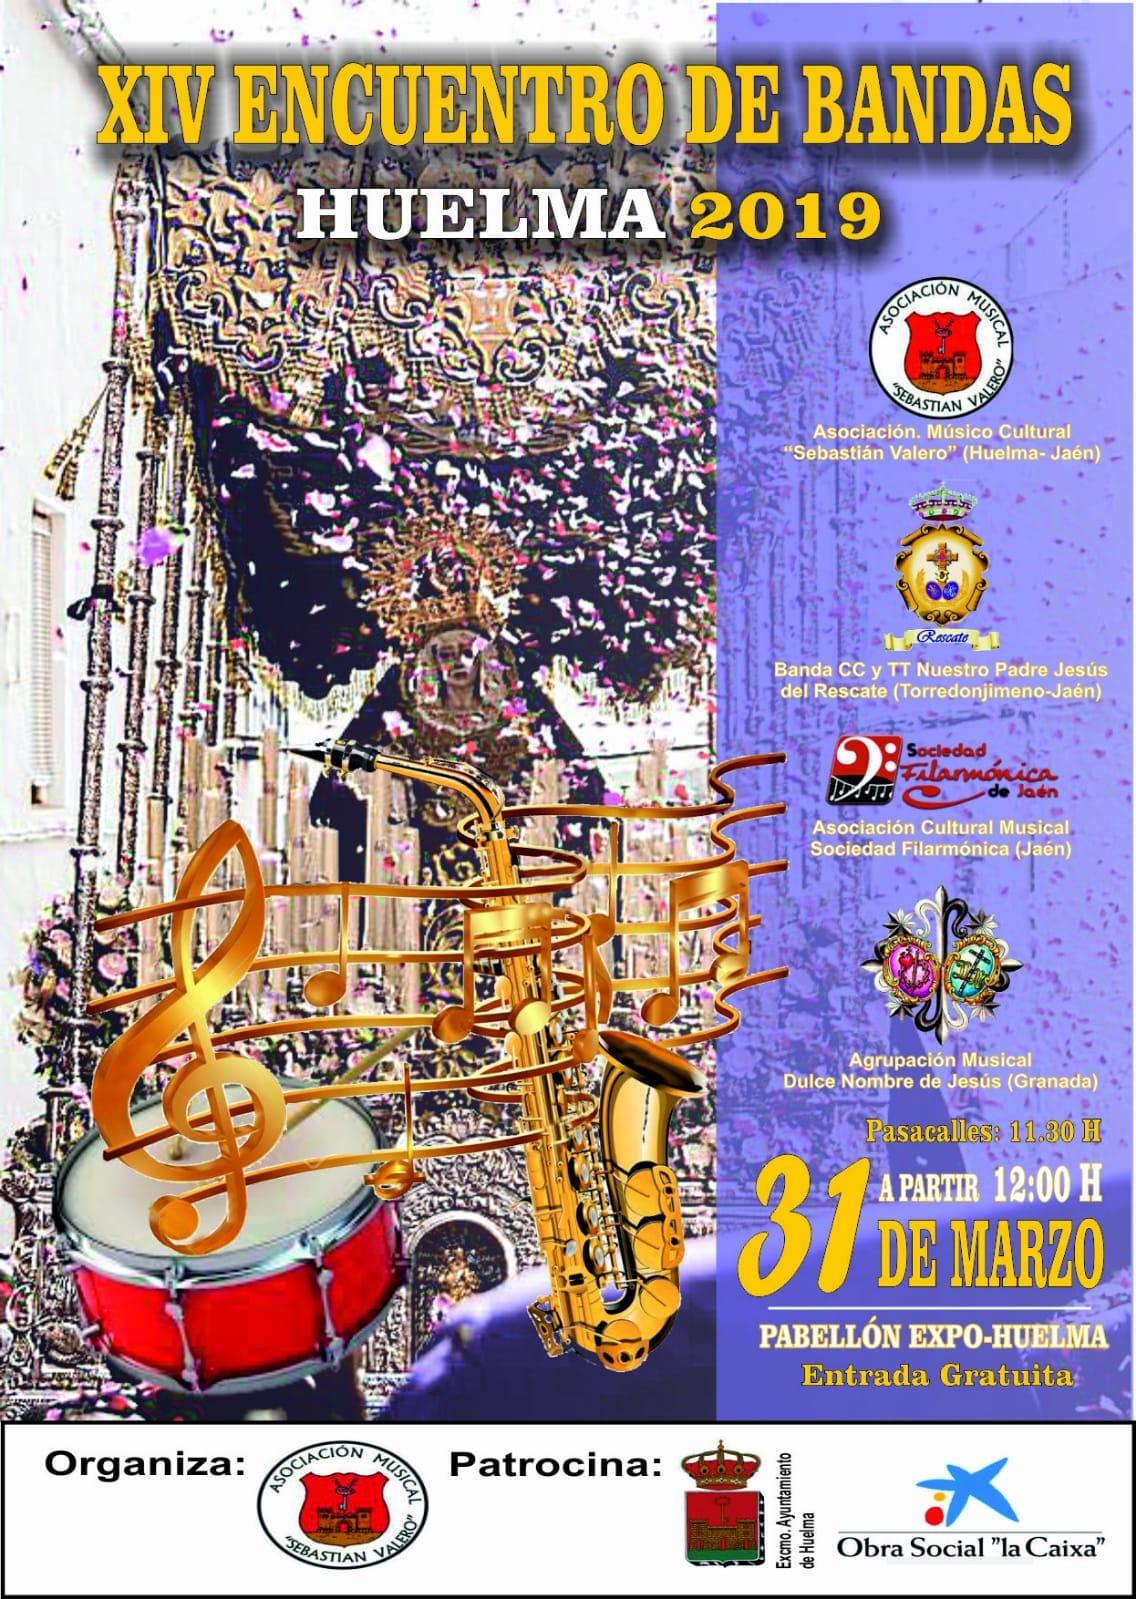 DOMINGO 31 MARZO. XIV ENCUENTRO DE BANDAS EN HUELMA 2019